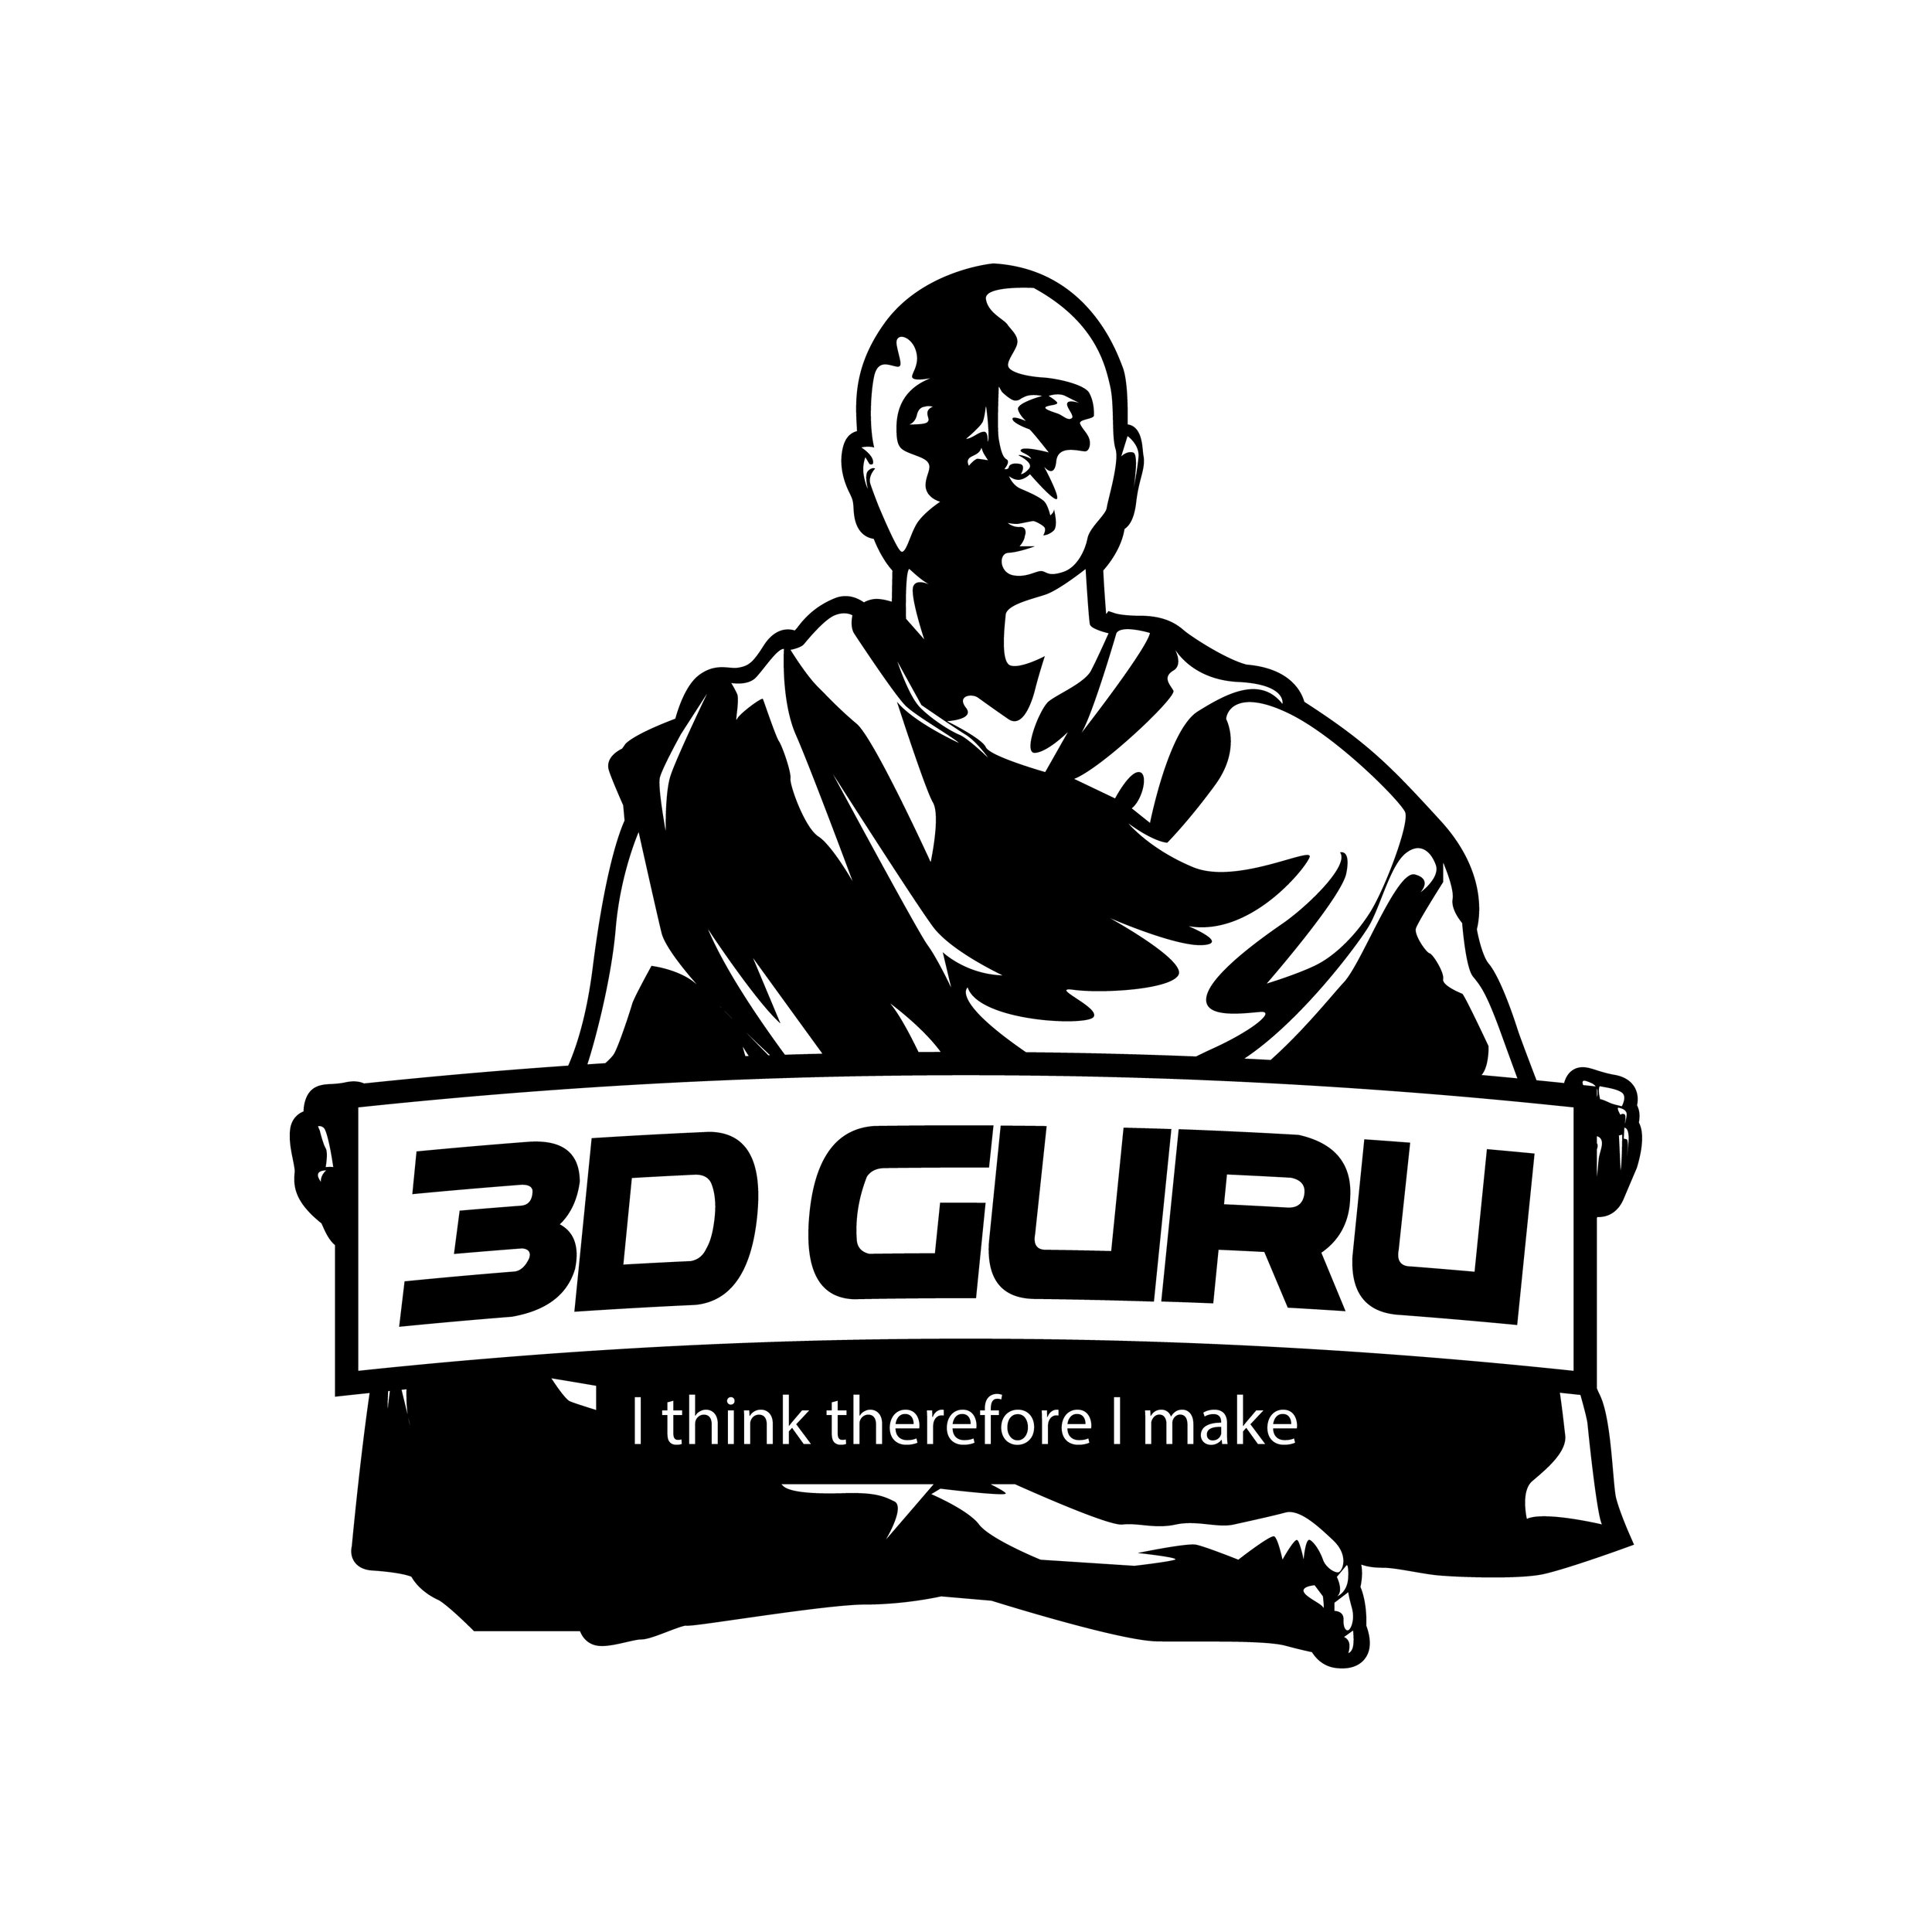 3dGuru_logo01b-01.jpg